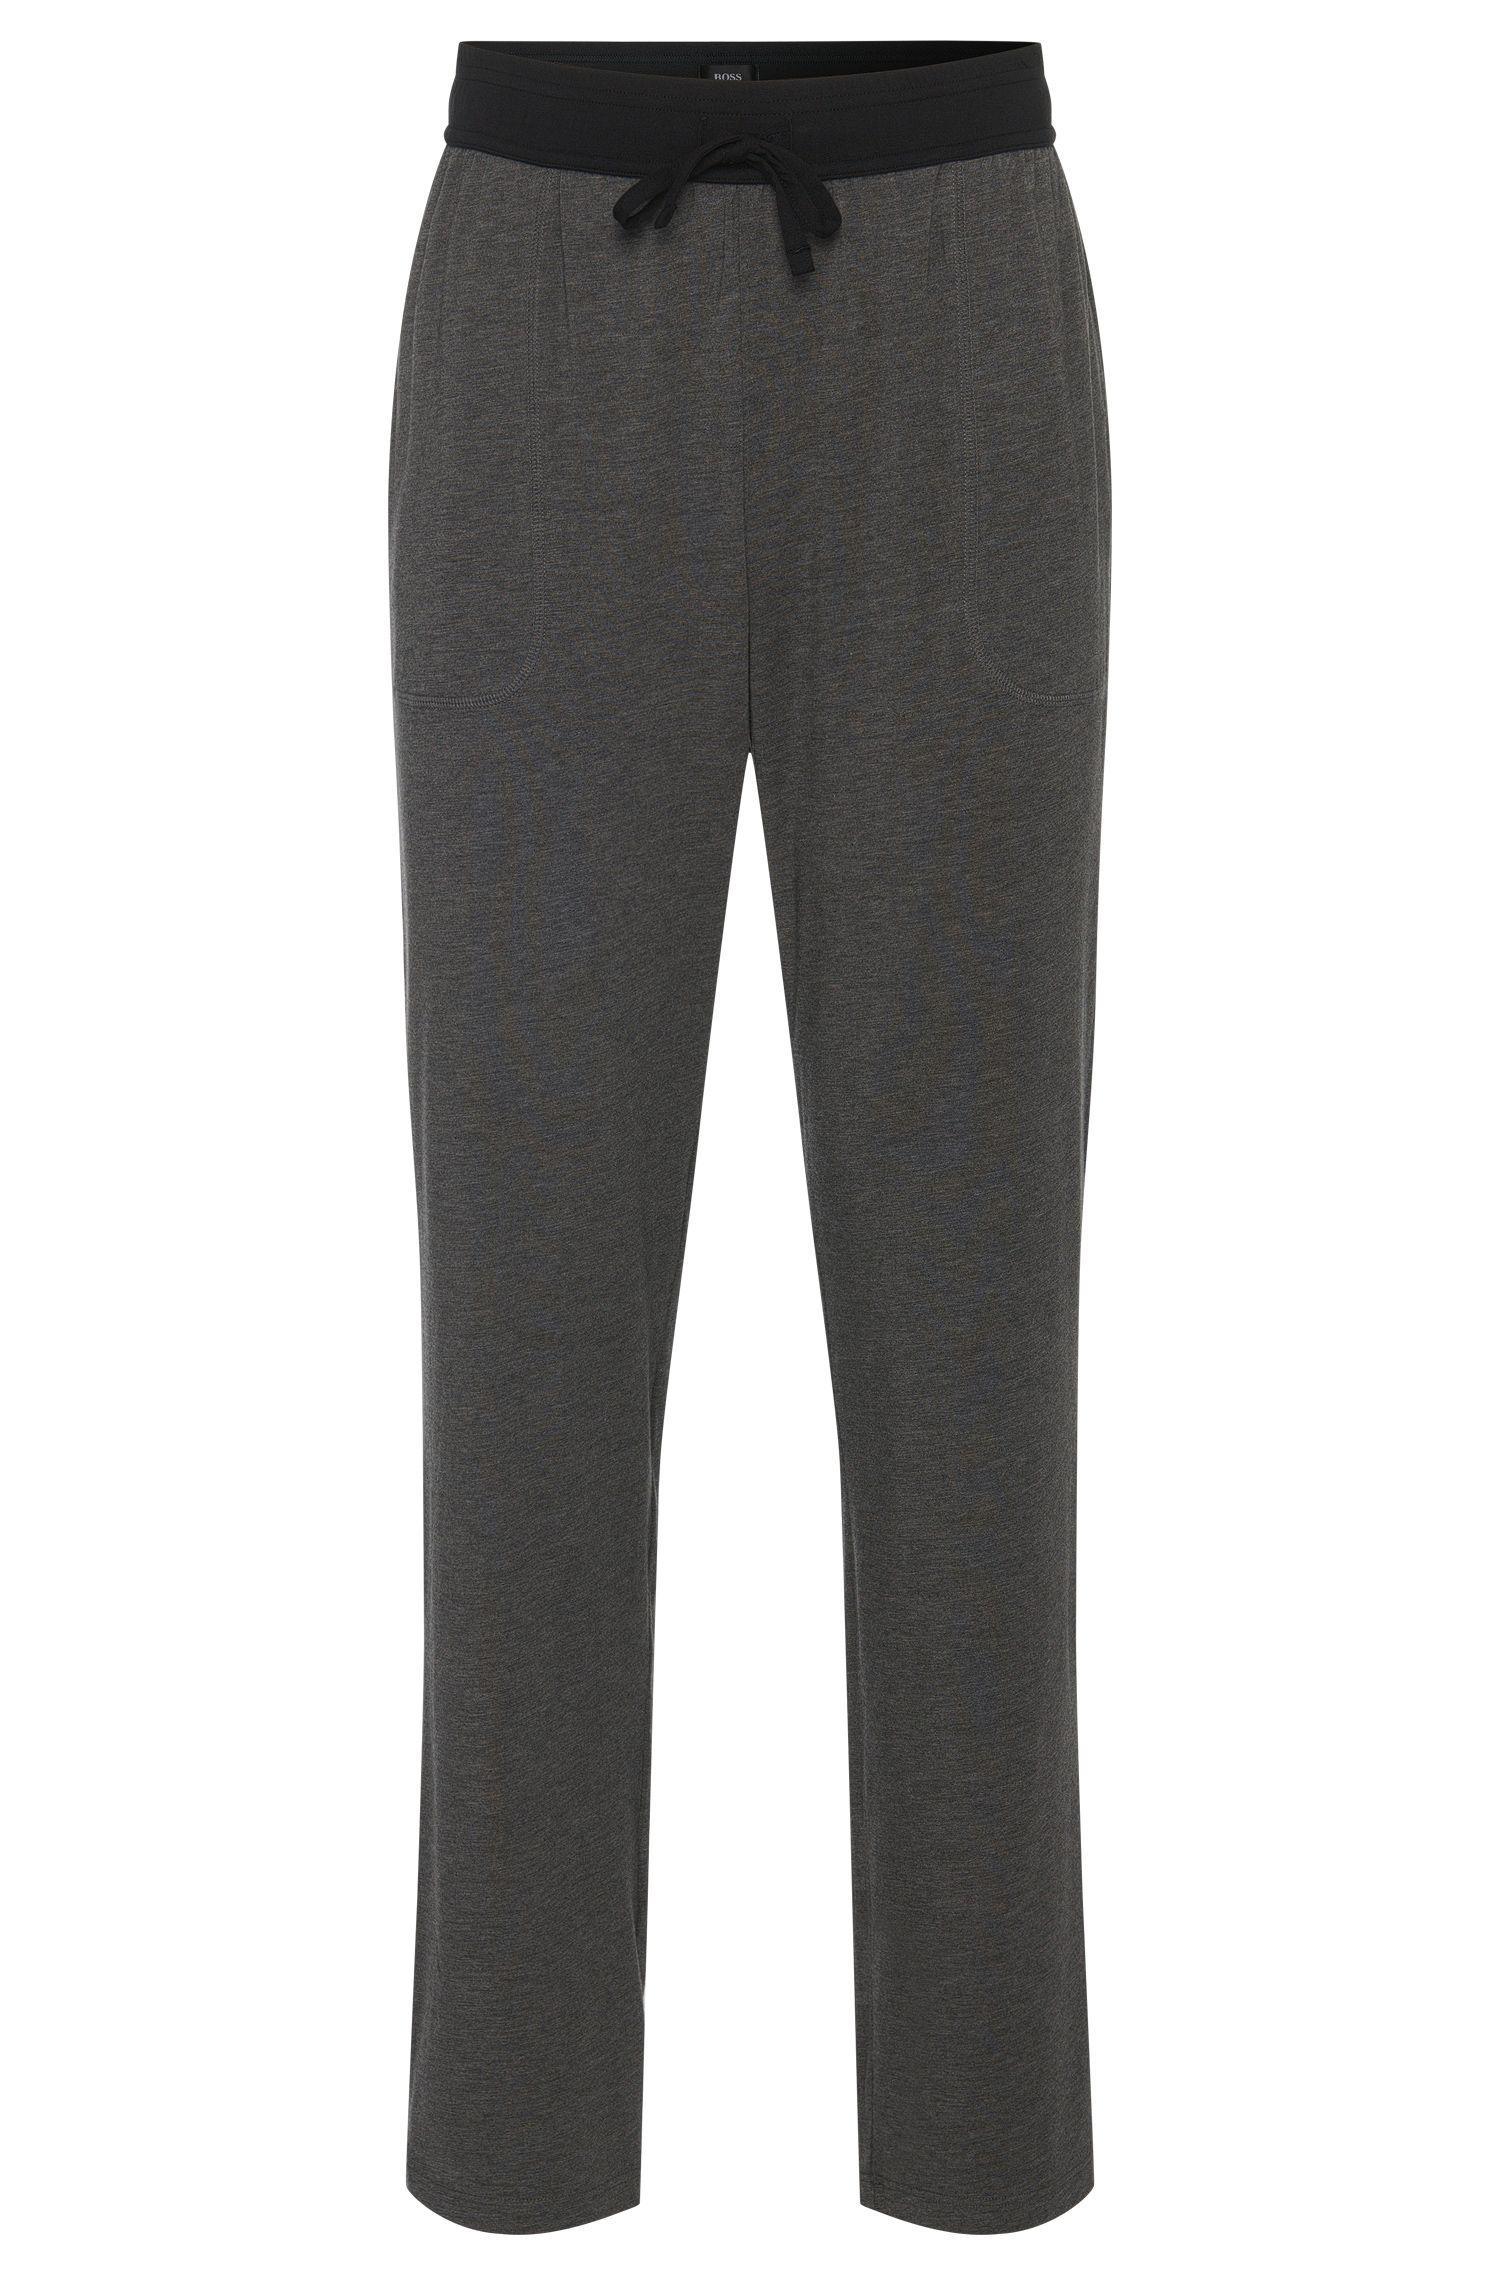 'Long Pant CW' | Stretch Cotton Modal Pants